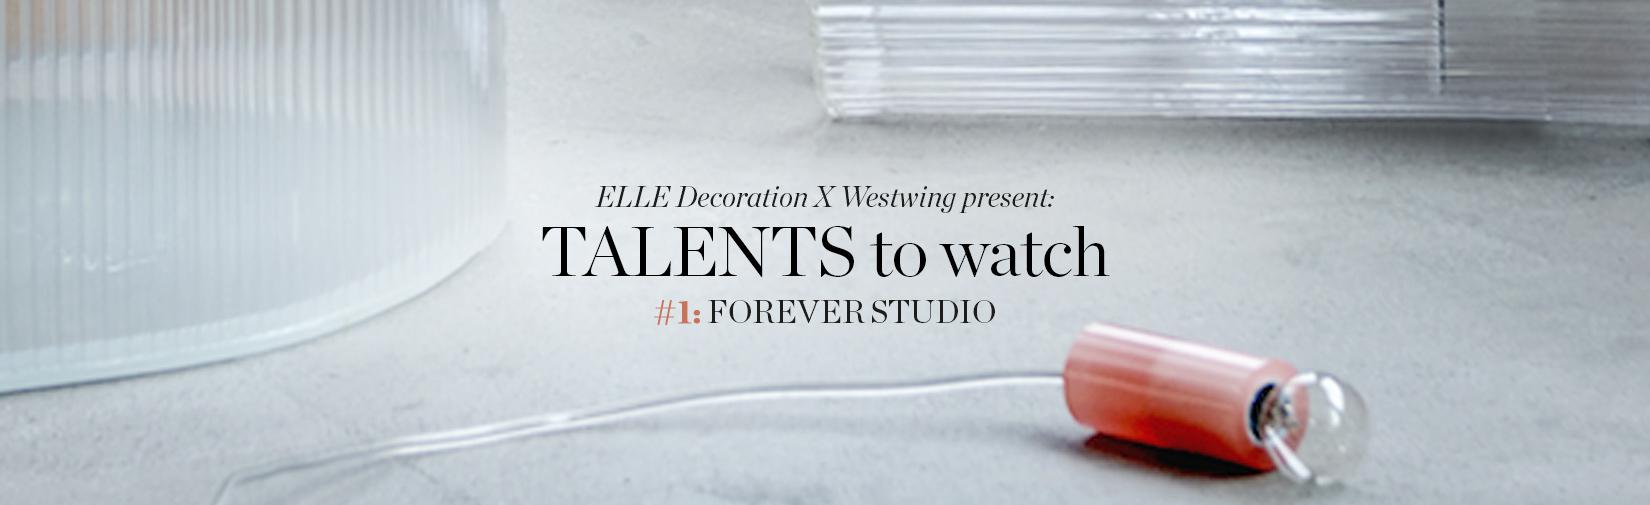 LP_ElleDeco_Talentstowatch_Desktop